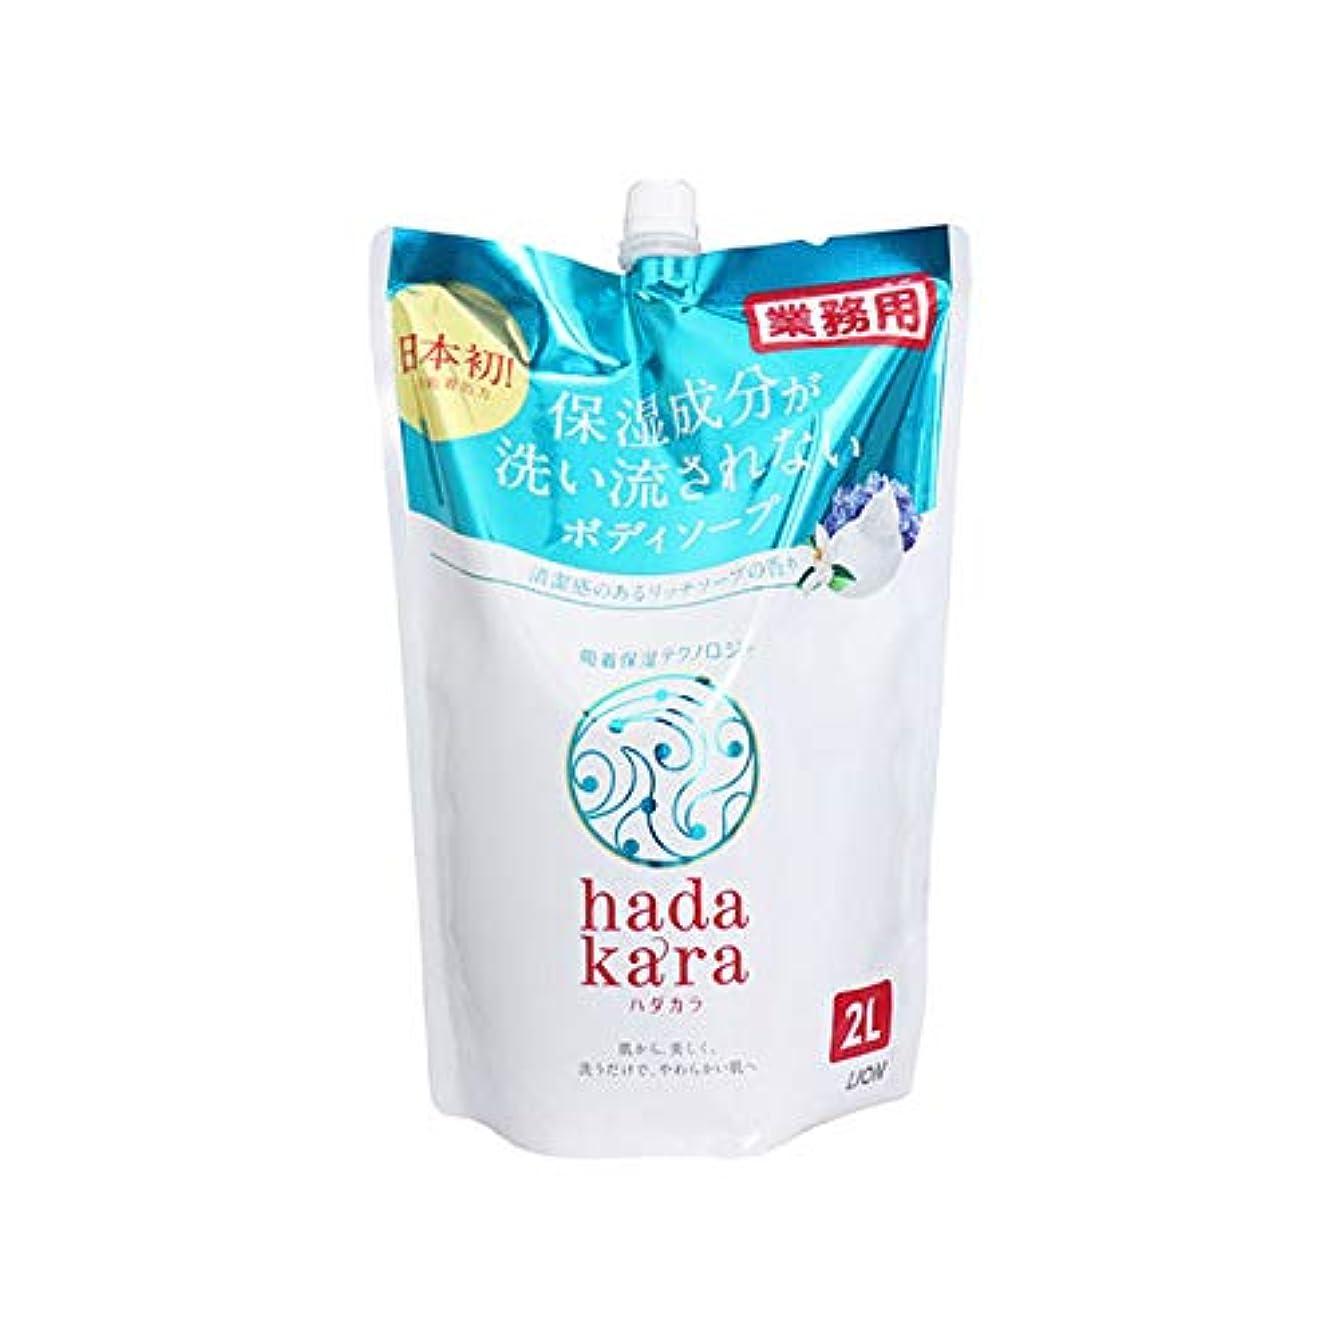 農奴韻提供された業務用 ボディーソープ ハダカラ hadakara ボディソープ リッチソープの香り 2LX6本 ライオン